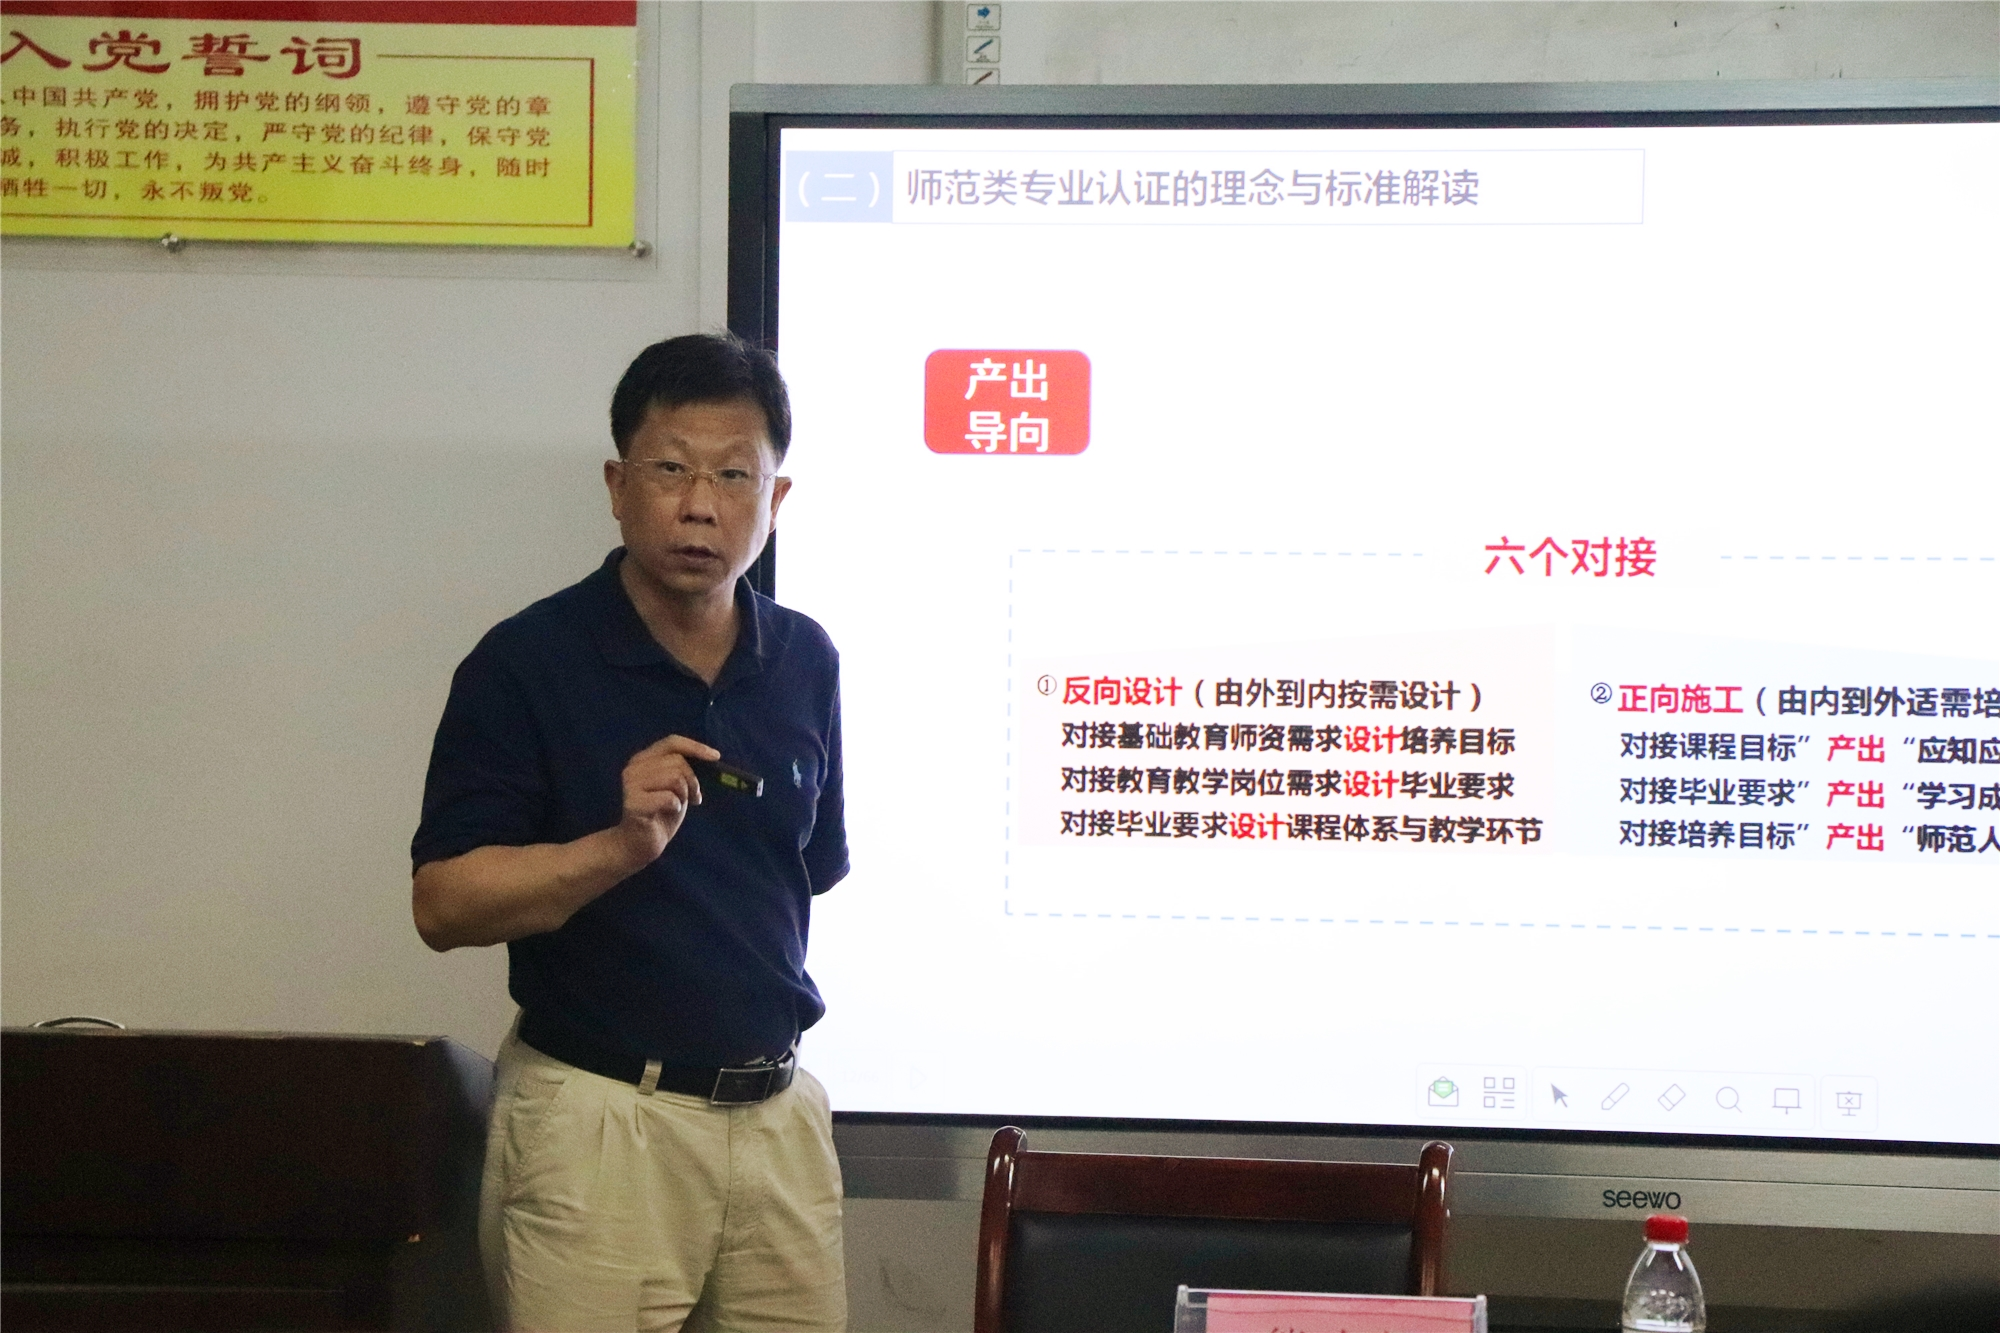 华南鸭脖官网熊建文教授来校做师范专业认证专题报告